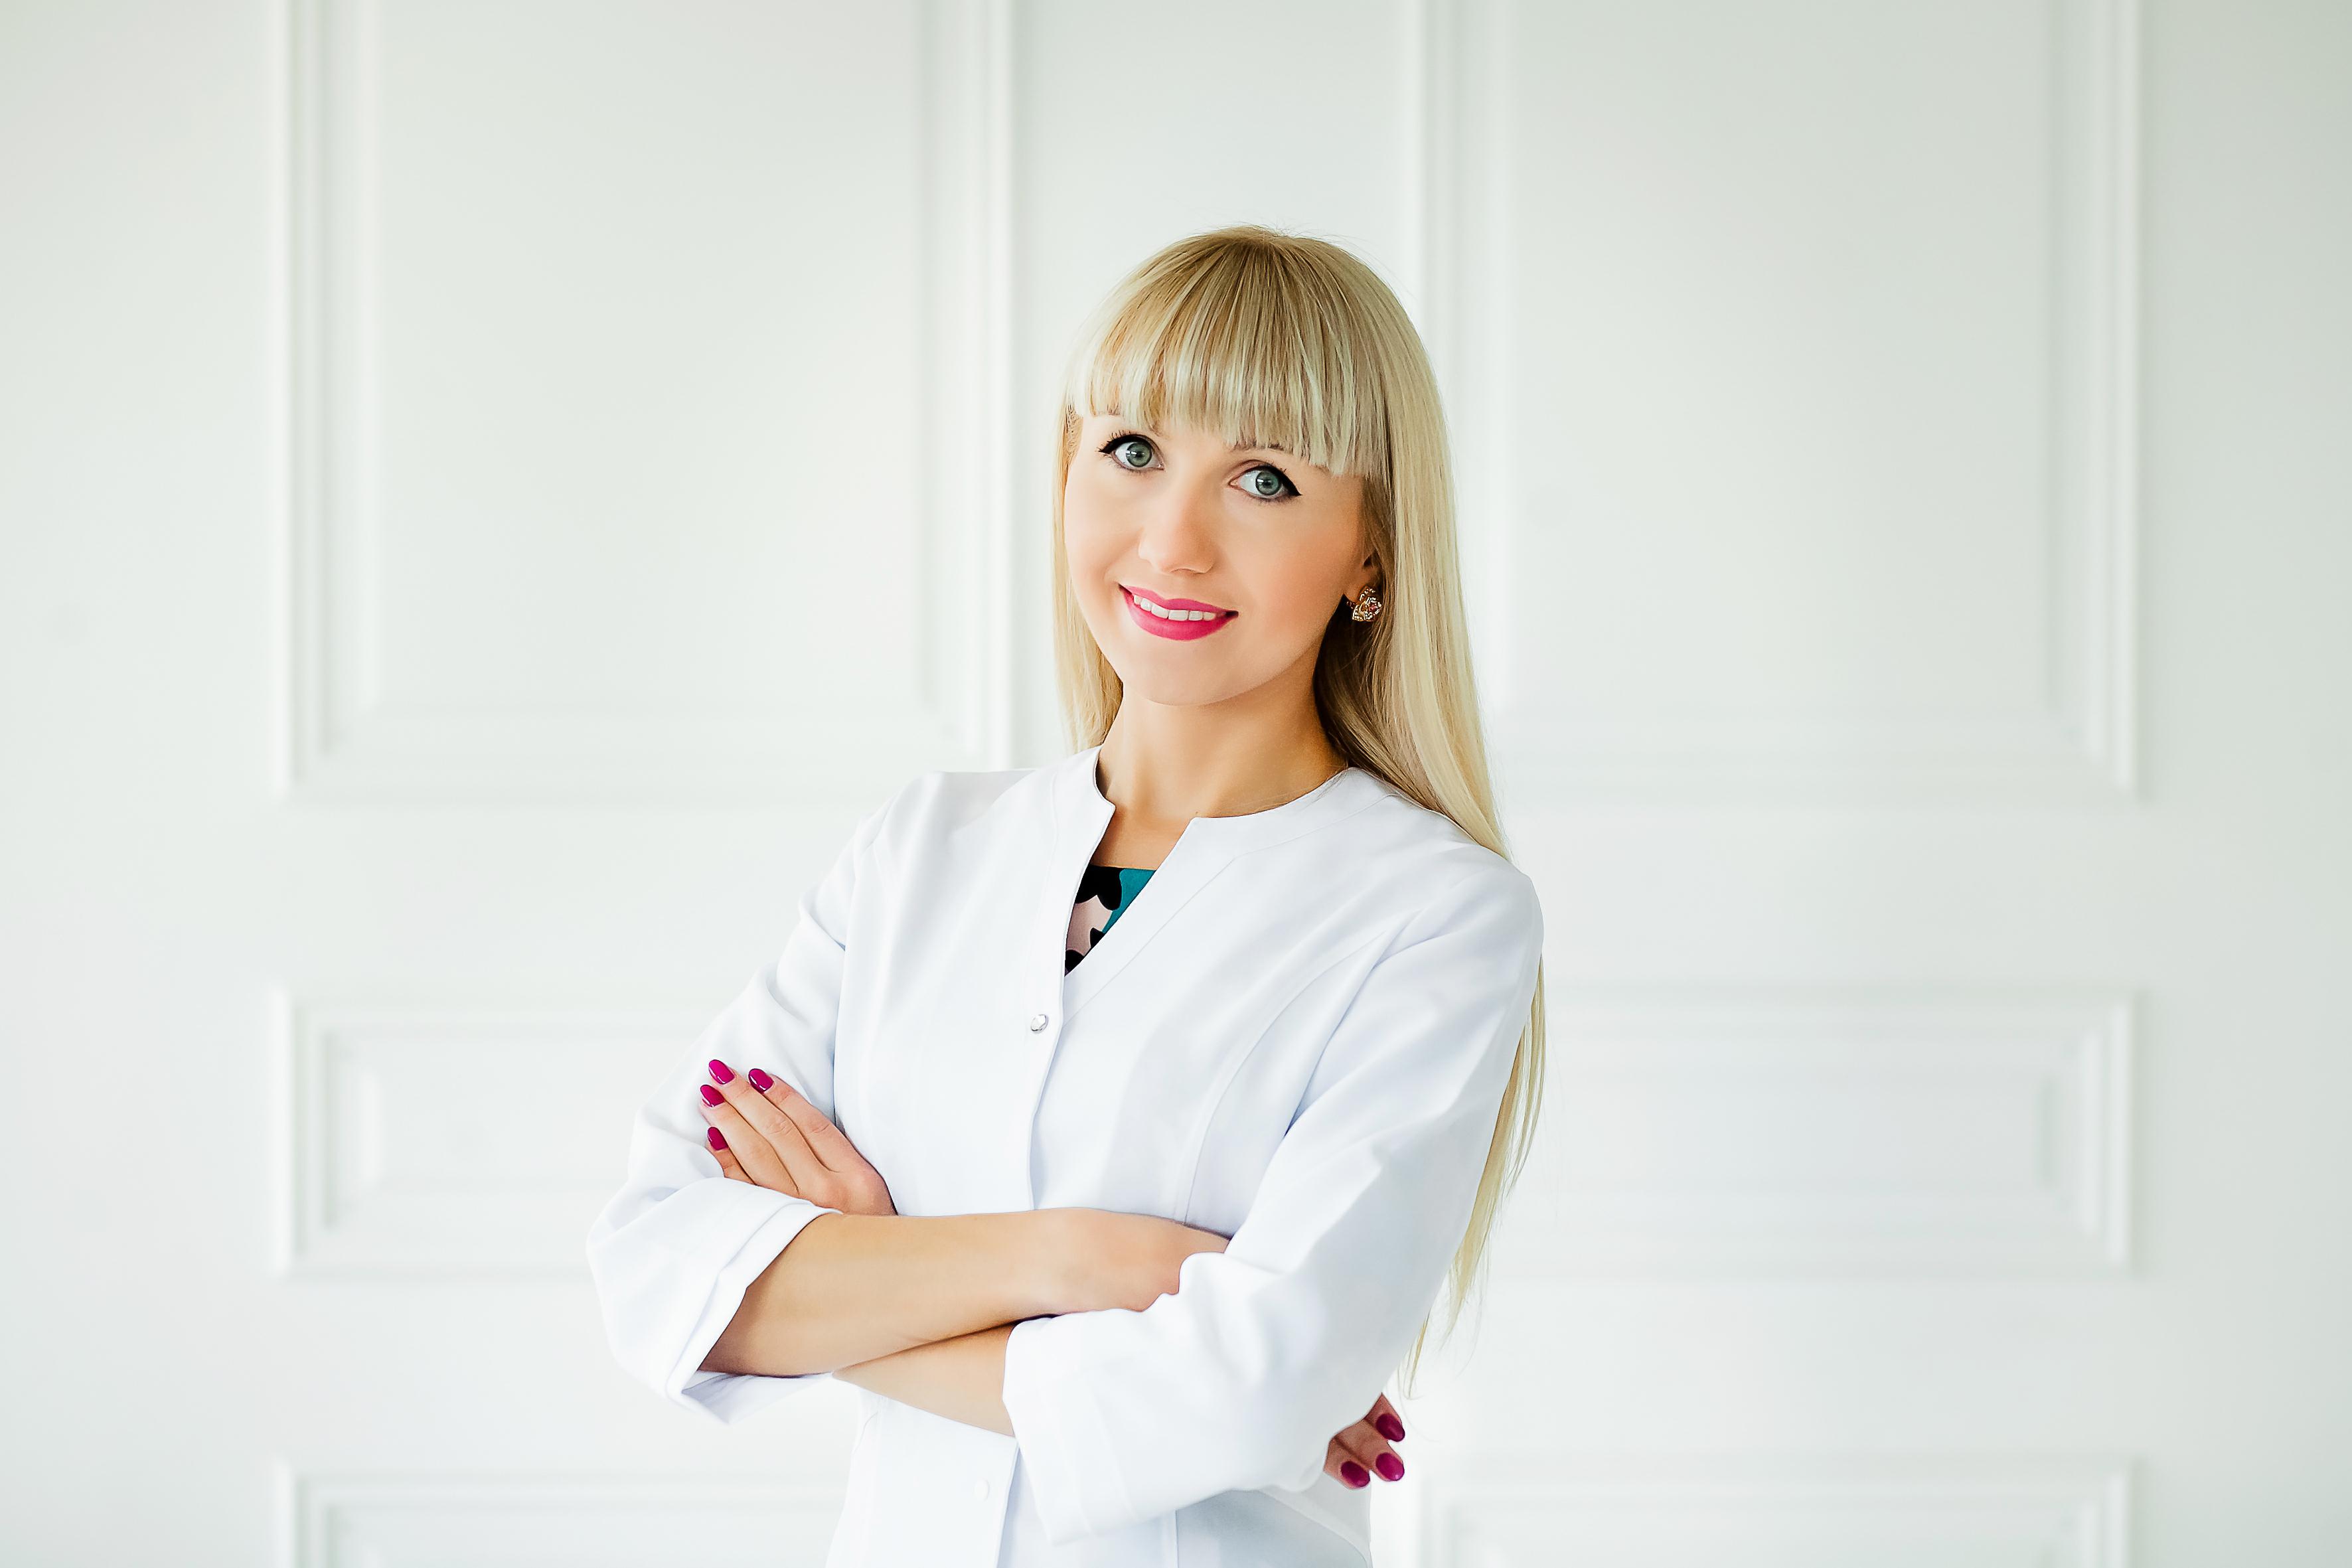 Основатель бренда натуральной ФИТОкосметики «BEREJA» . Руководитель образовательного косметологического центра «BEREJACOSMETOLOGY»